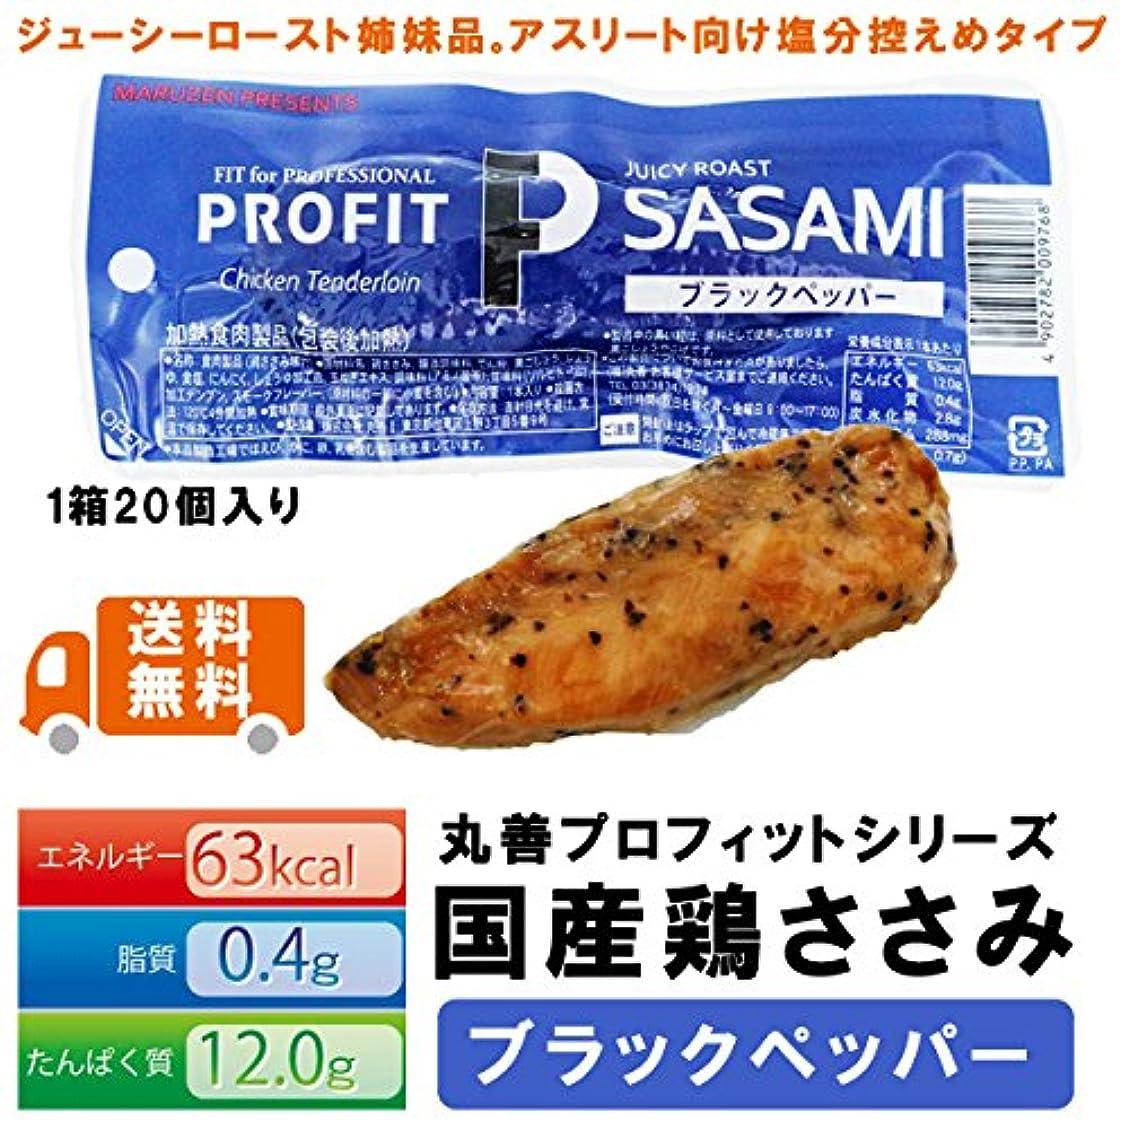 限界メールかすかな丸善 PRO-FIT プロフィットささみ 鶏ささみ ブラックペッパー 1箱20本入り